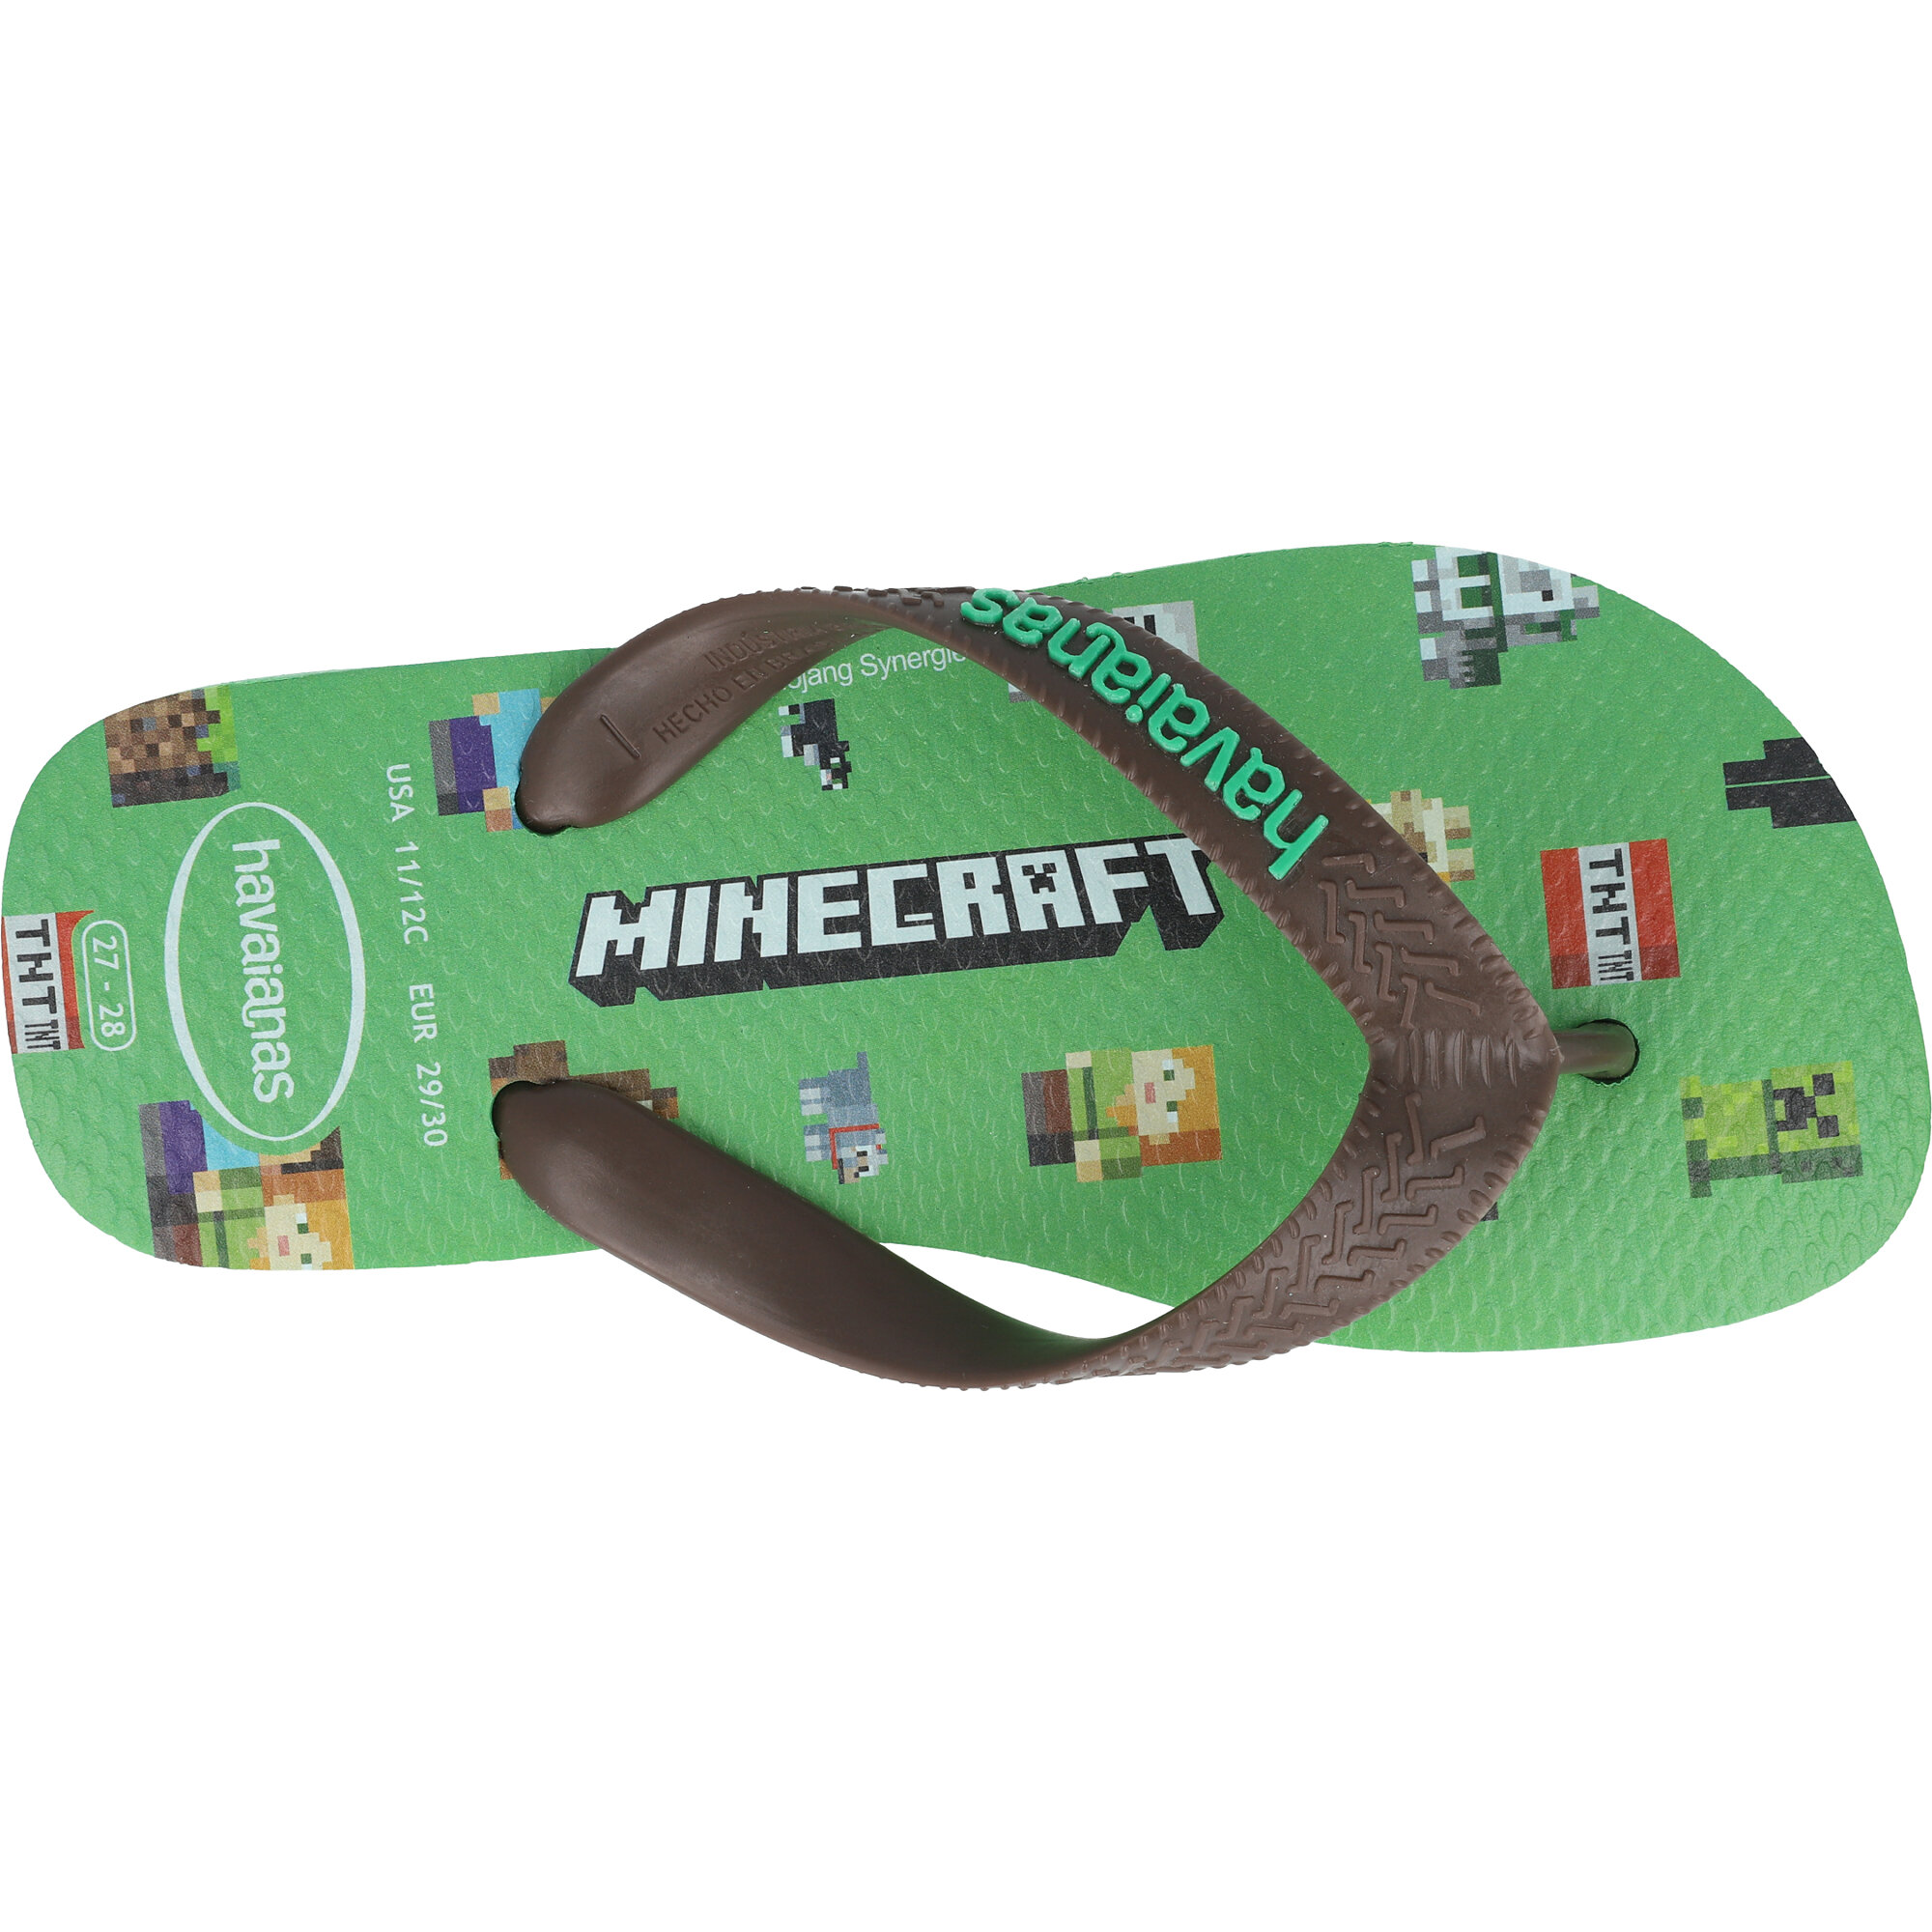 Havaianas Kids Minecraft Leaf Green Rubber